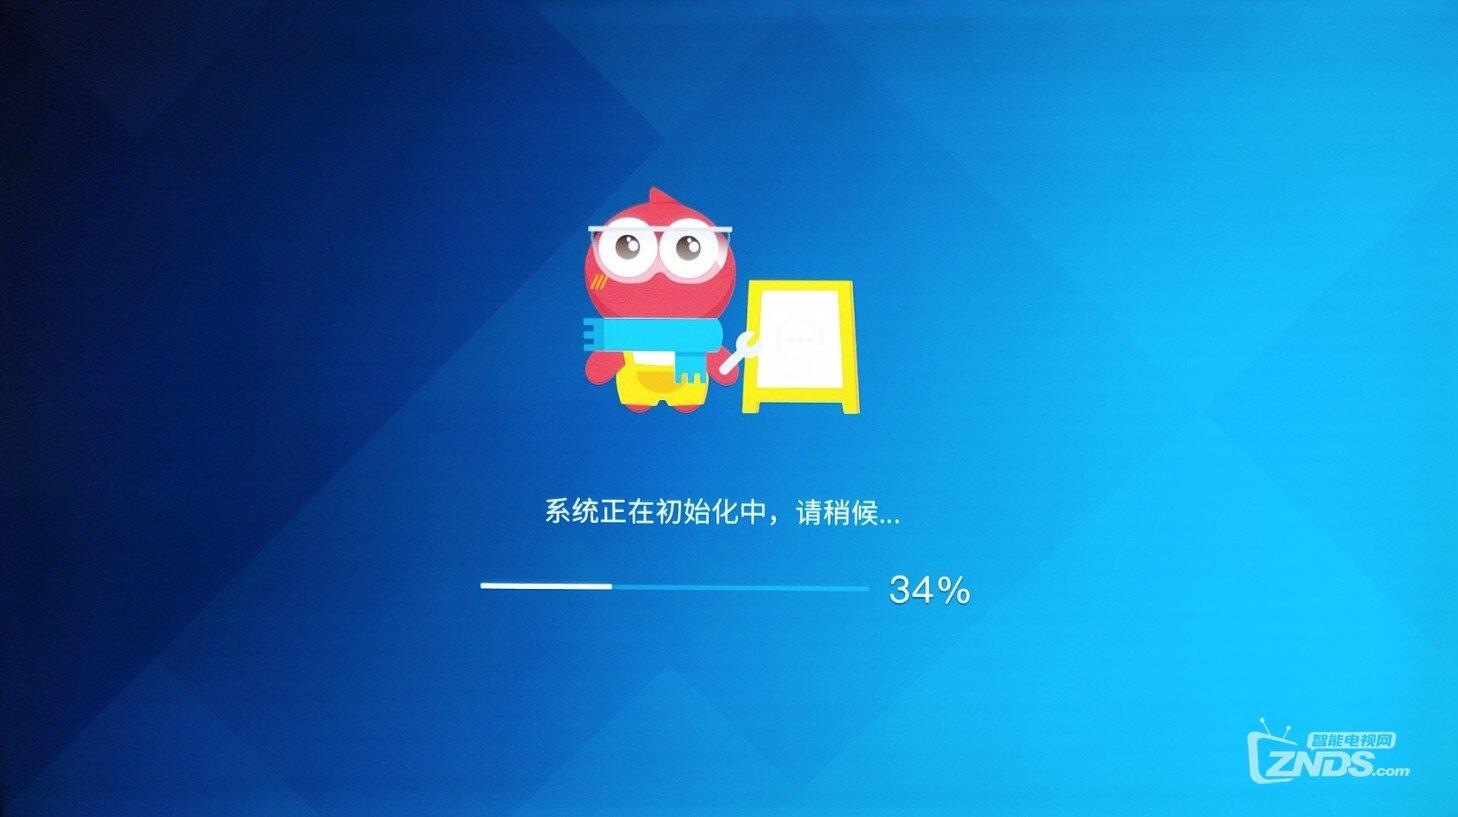 电视机系统升级.jpg